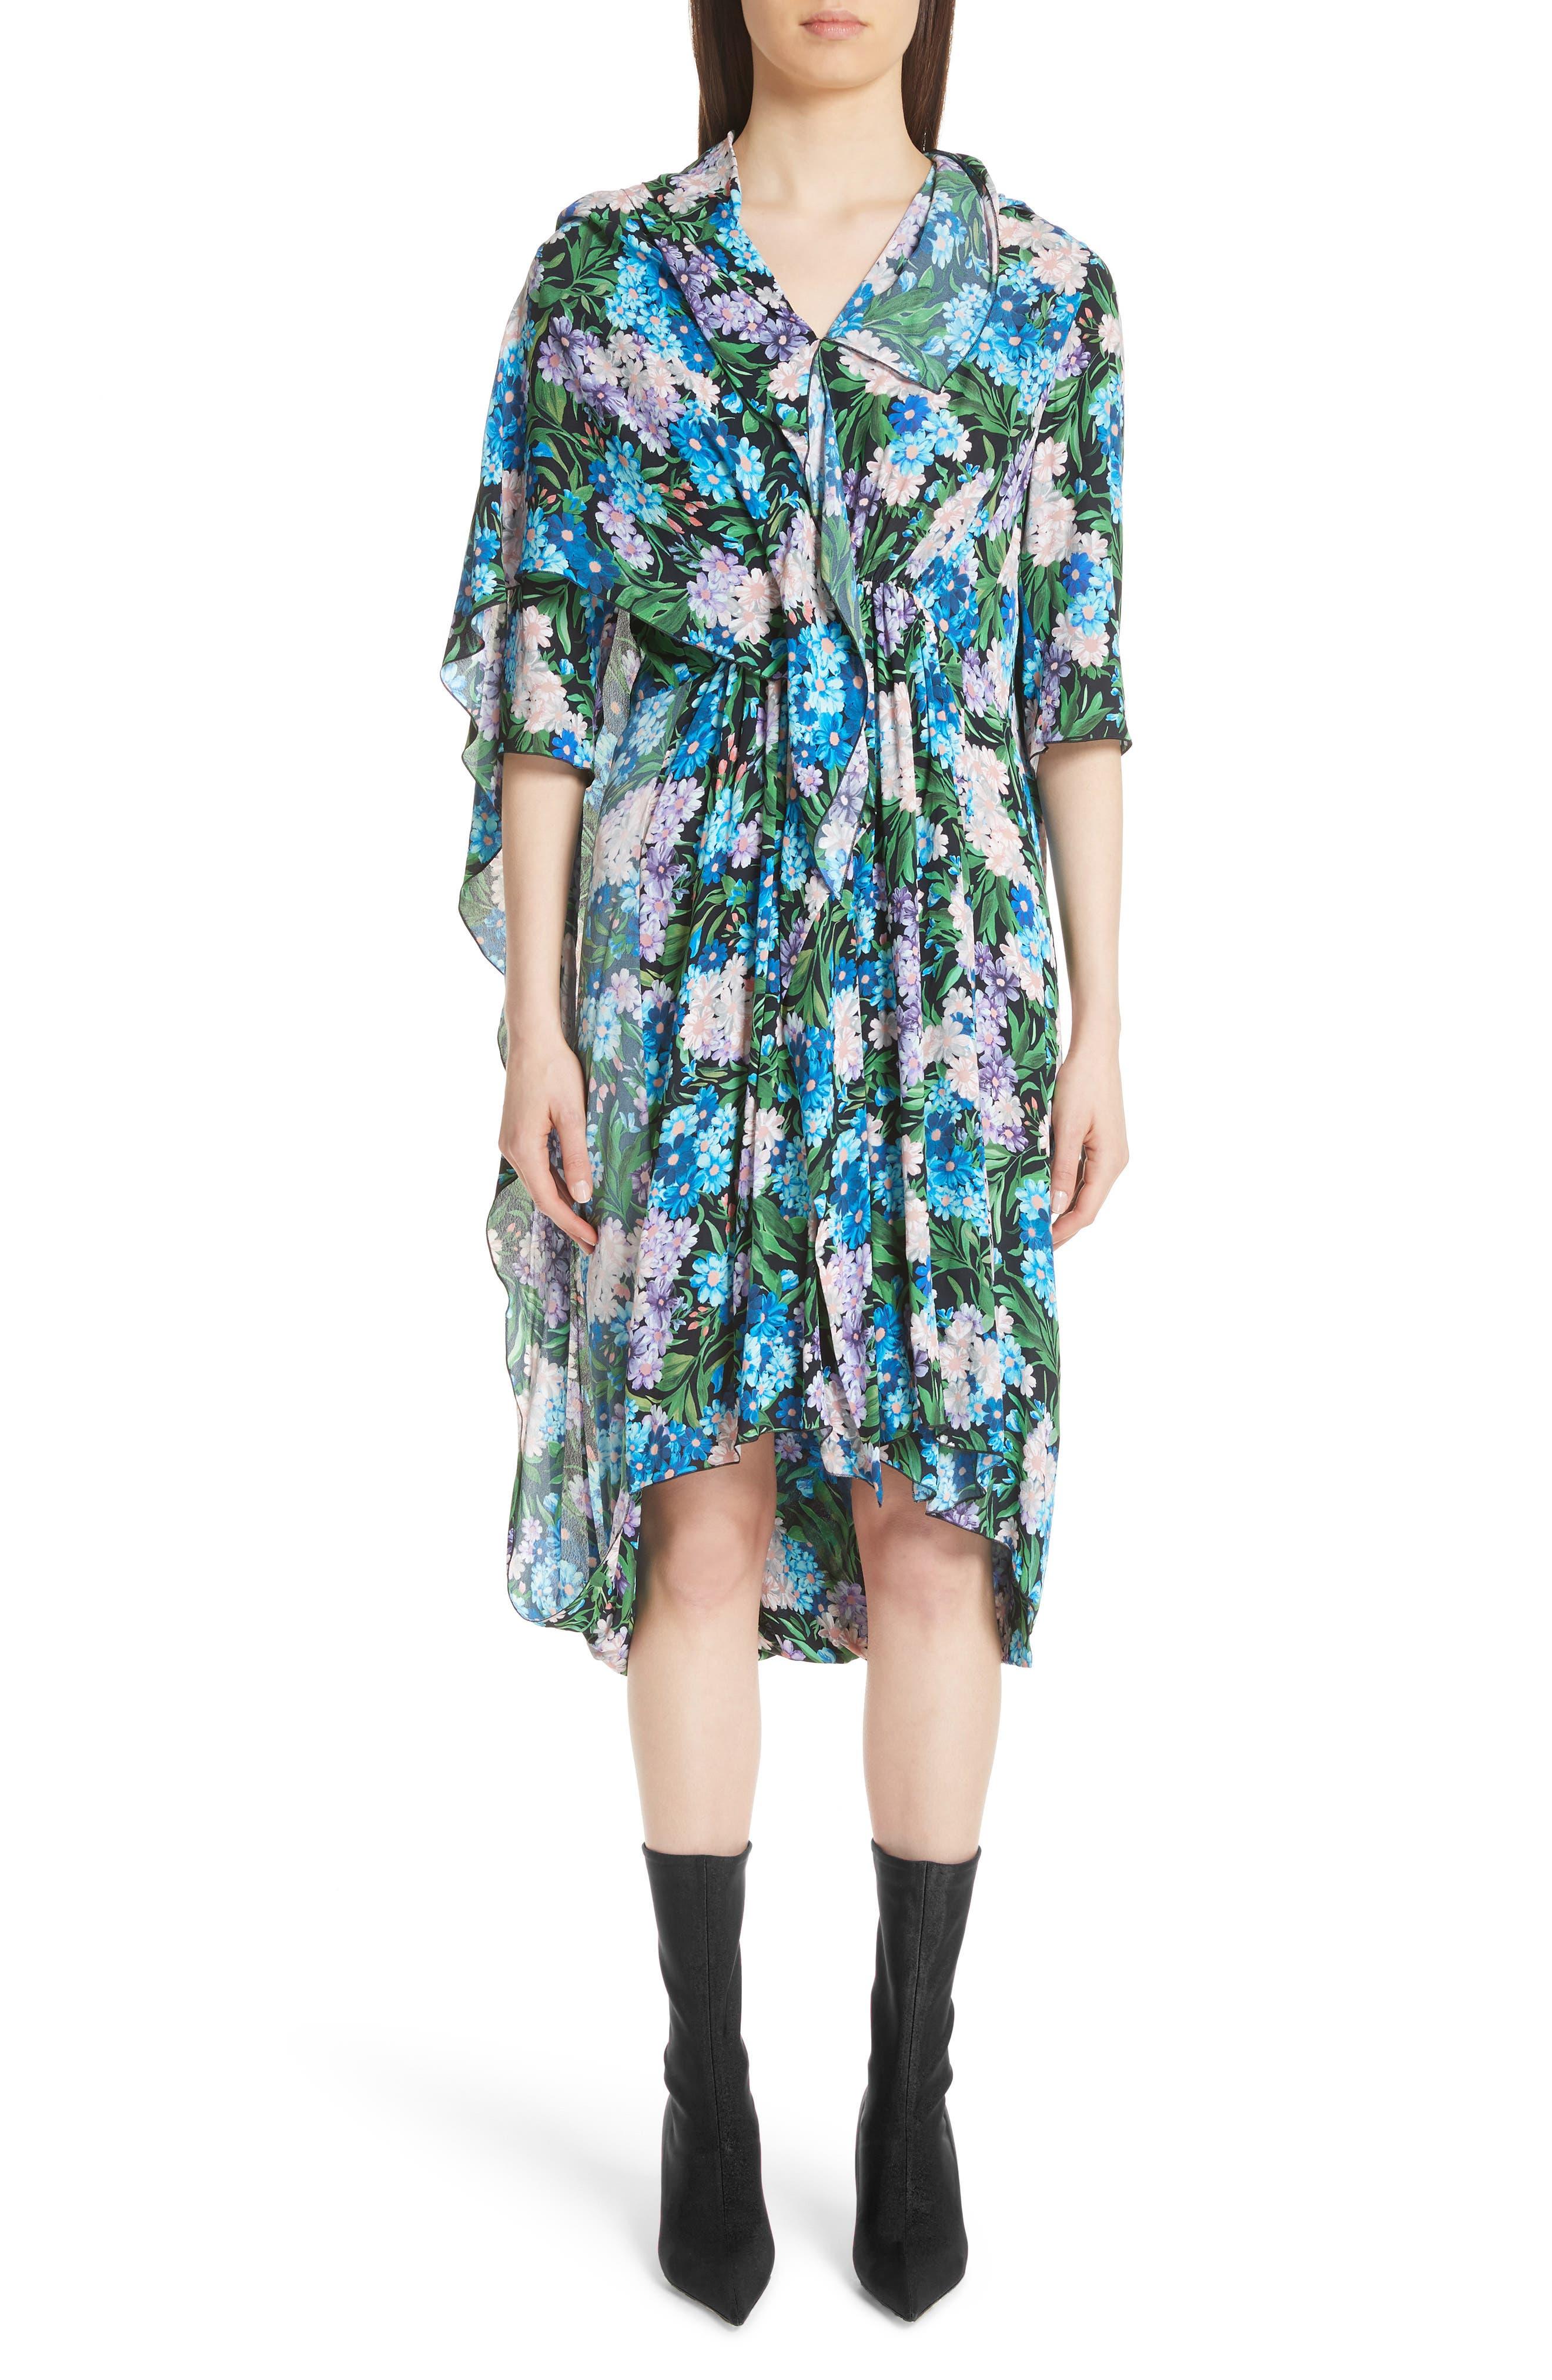 Balenciaga Floral Print Cape Detail Dress